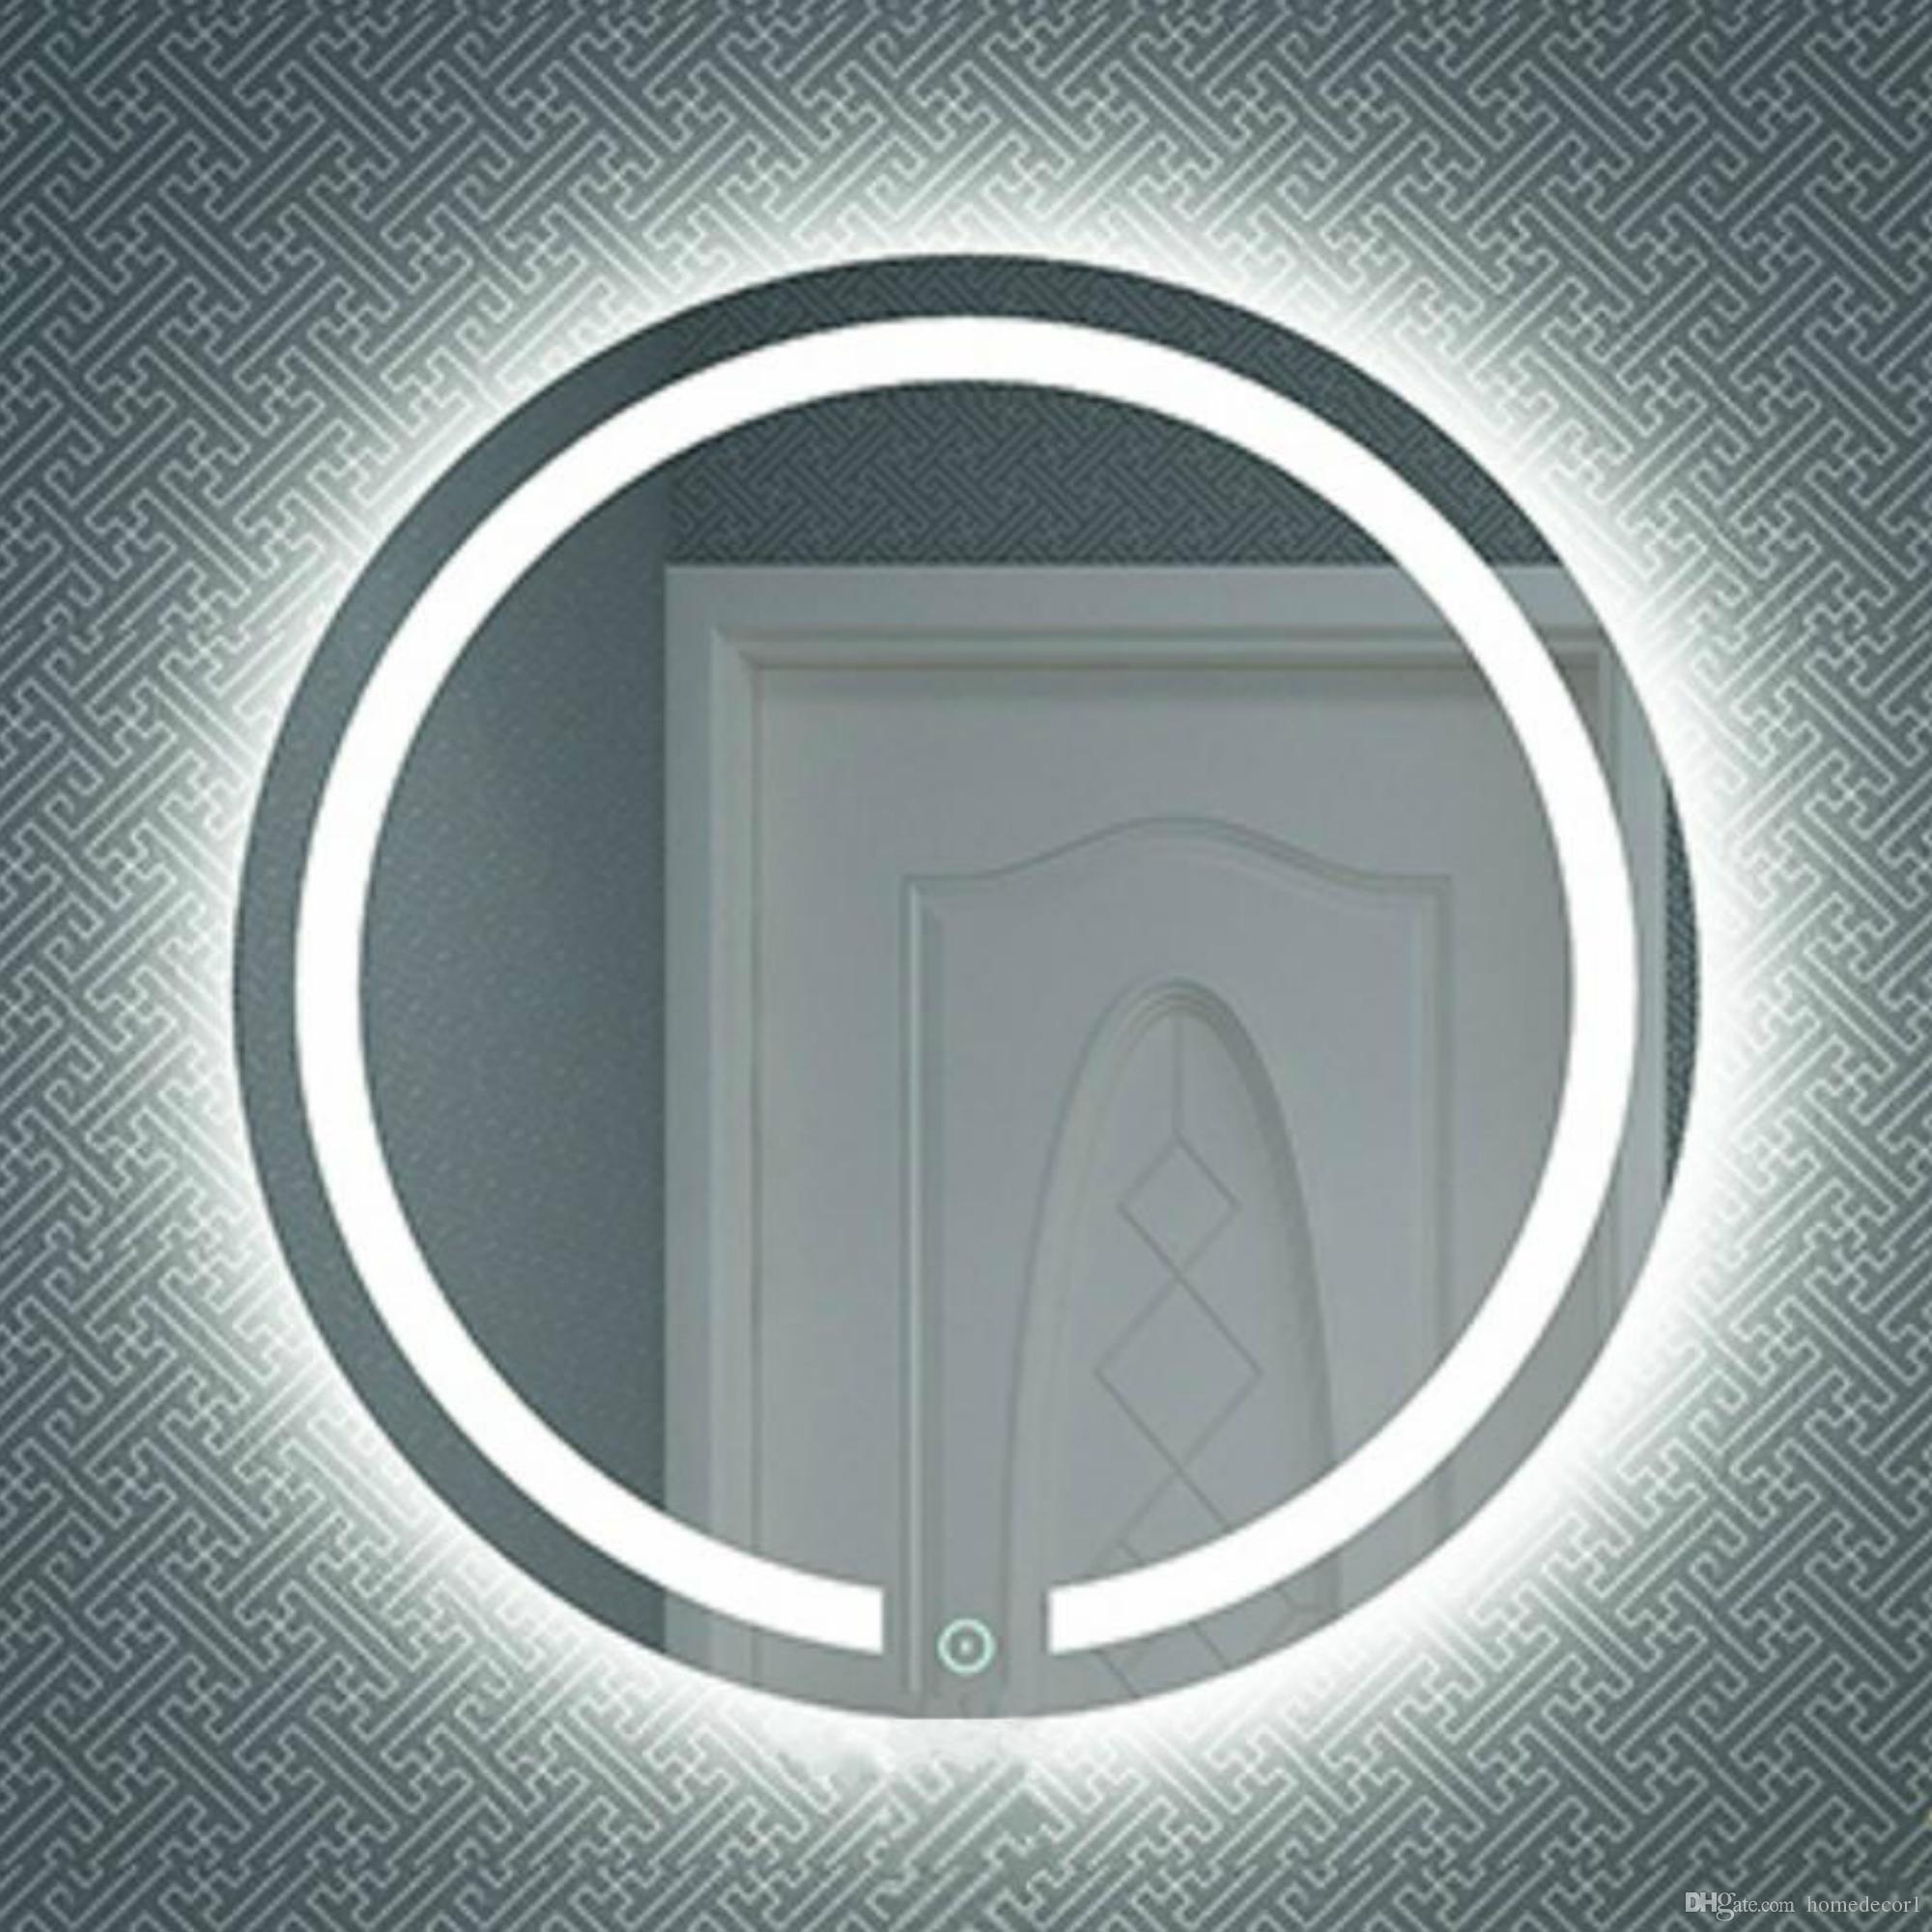 جولة الجدار مضاءة مضيئة led الغرور الحمام مرآة مكافحة الضباب باهتة اللمس نوم أثاث المنزل ماكياج التجميل ضوء مرآة